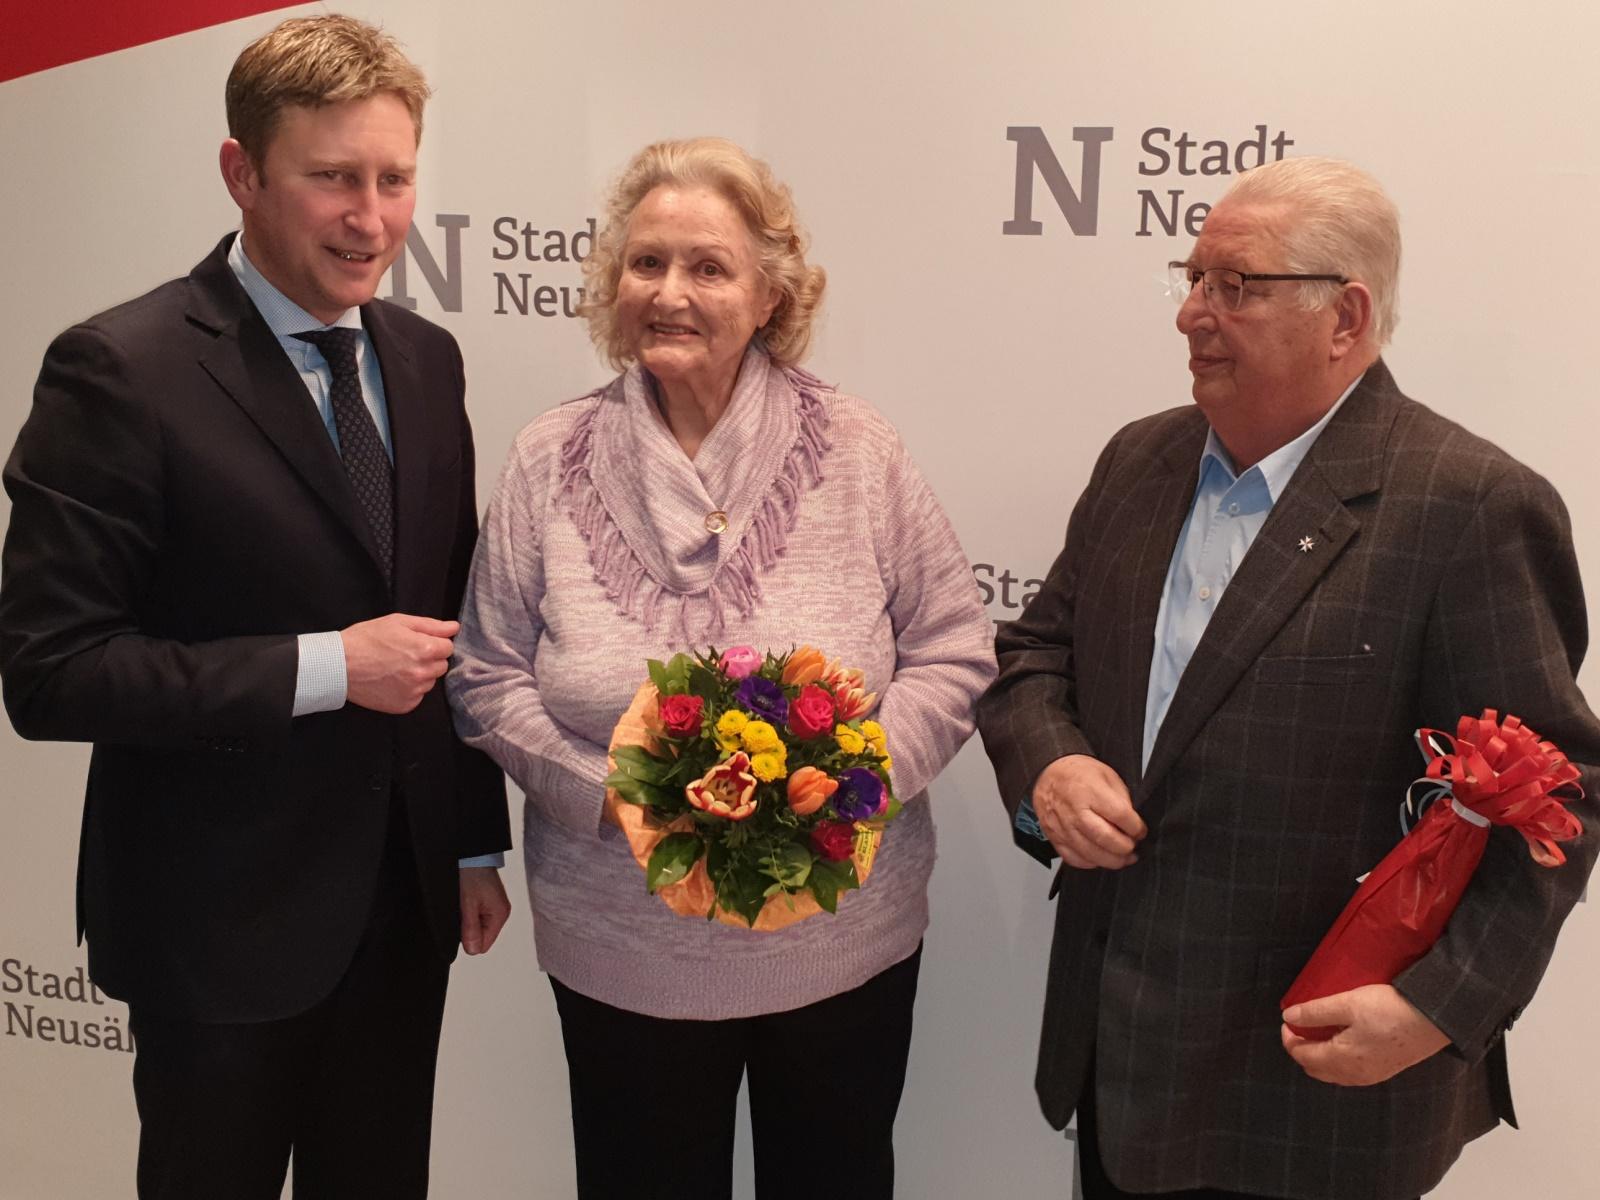 Wurden im Amt des Seniorenbeiratvorsitzes bestätigt: Ingeborg Gah (Mitte) und Ernst Rauh (rechts) nehmen die Glückwünsche von Ersten Bürgermeister Richard Greiner entgegen.